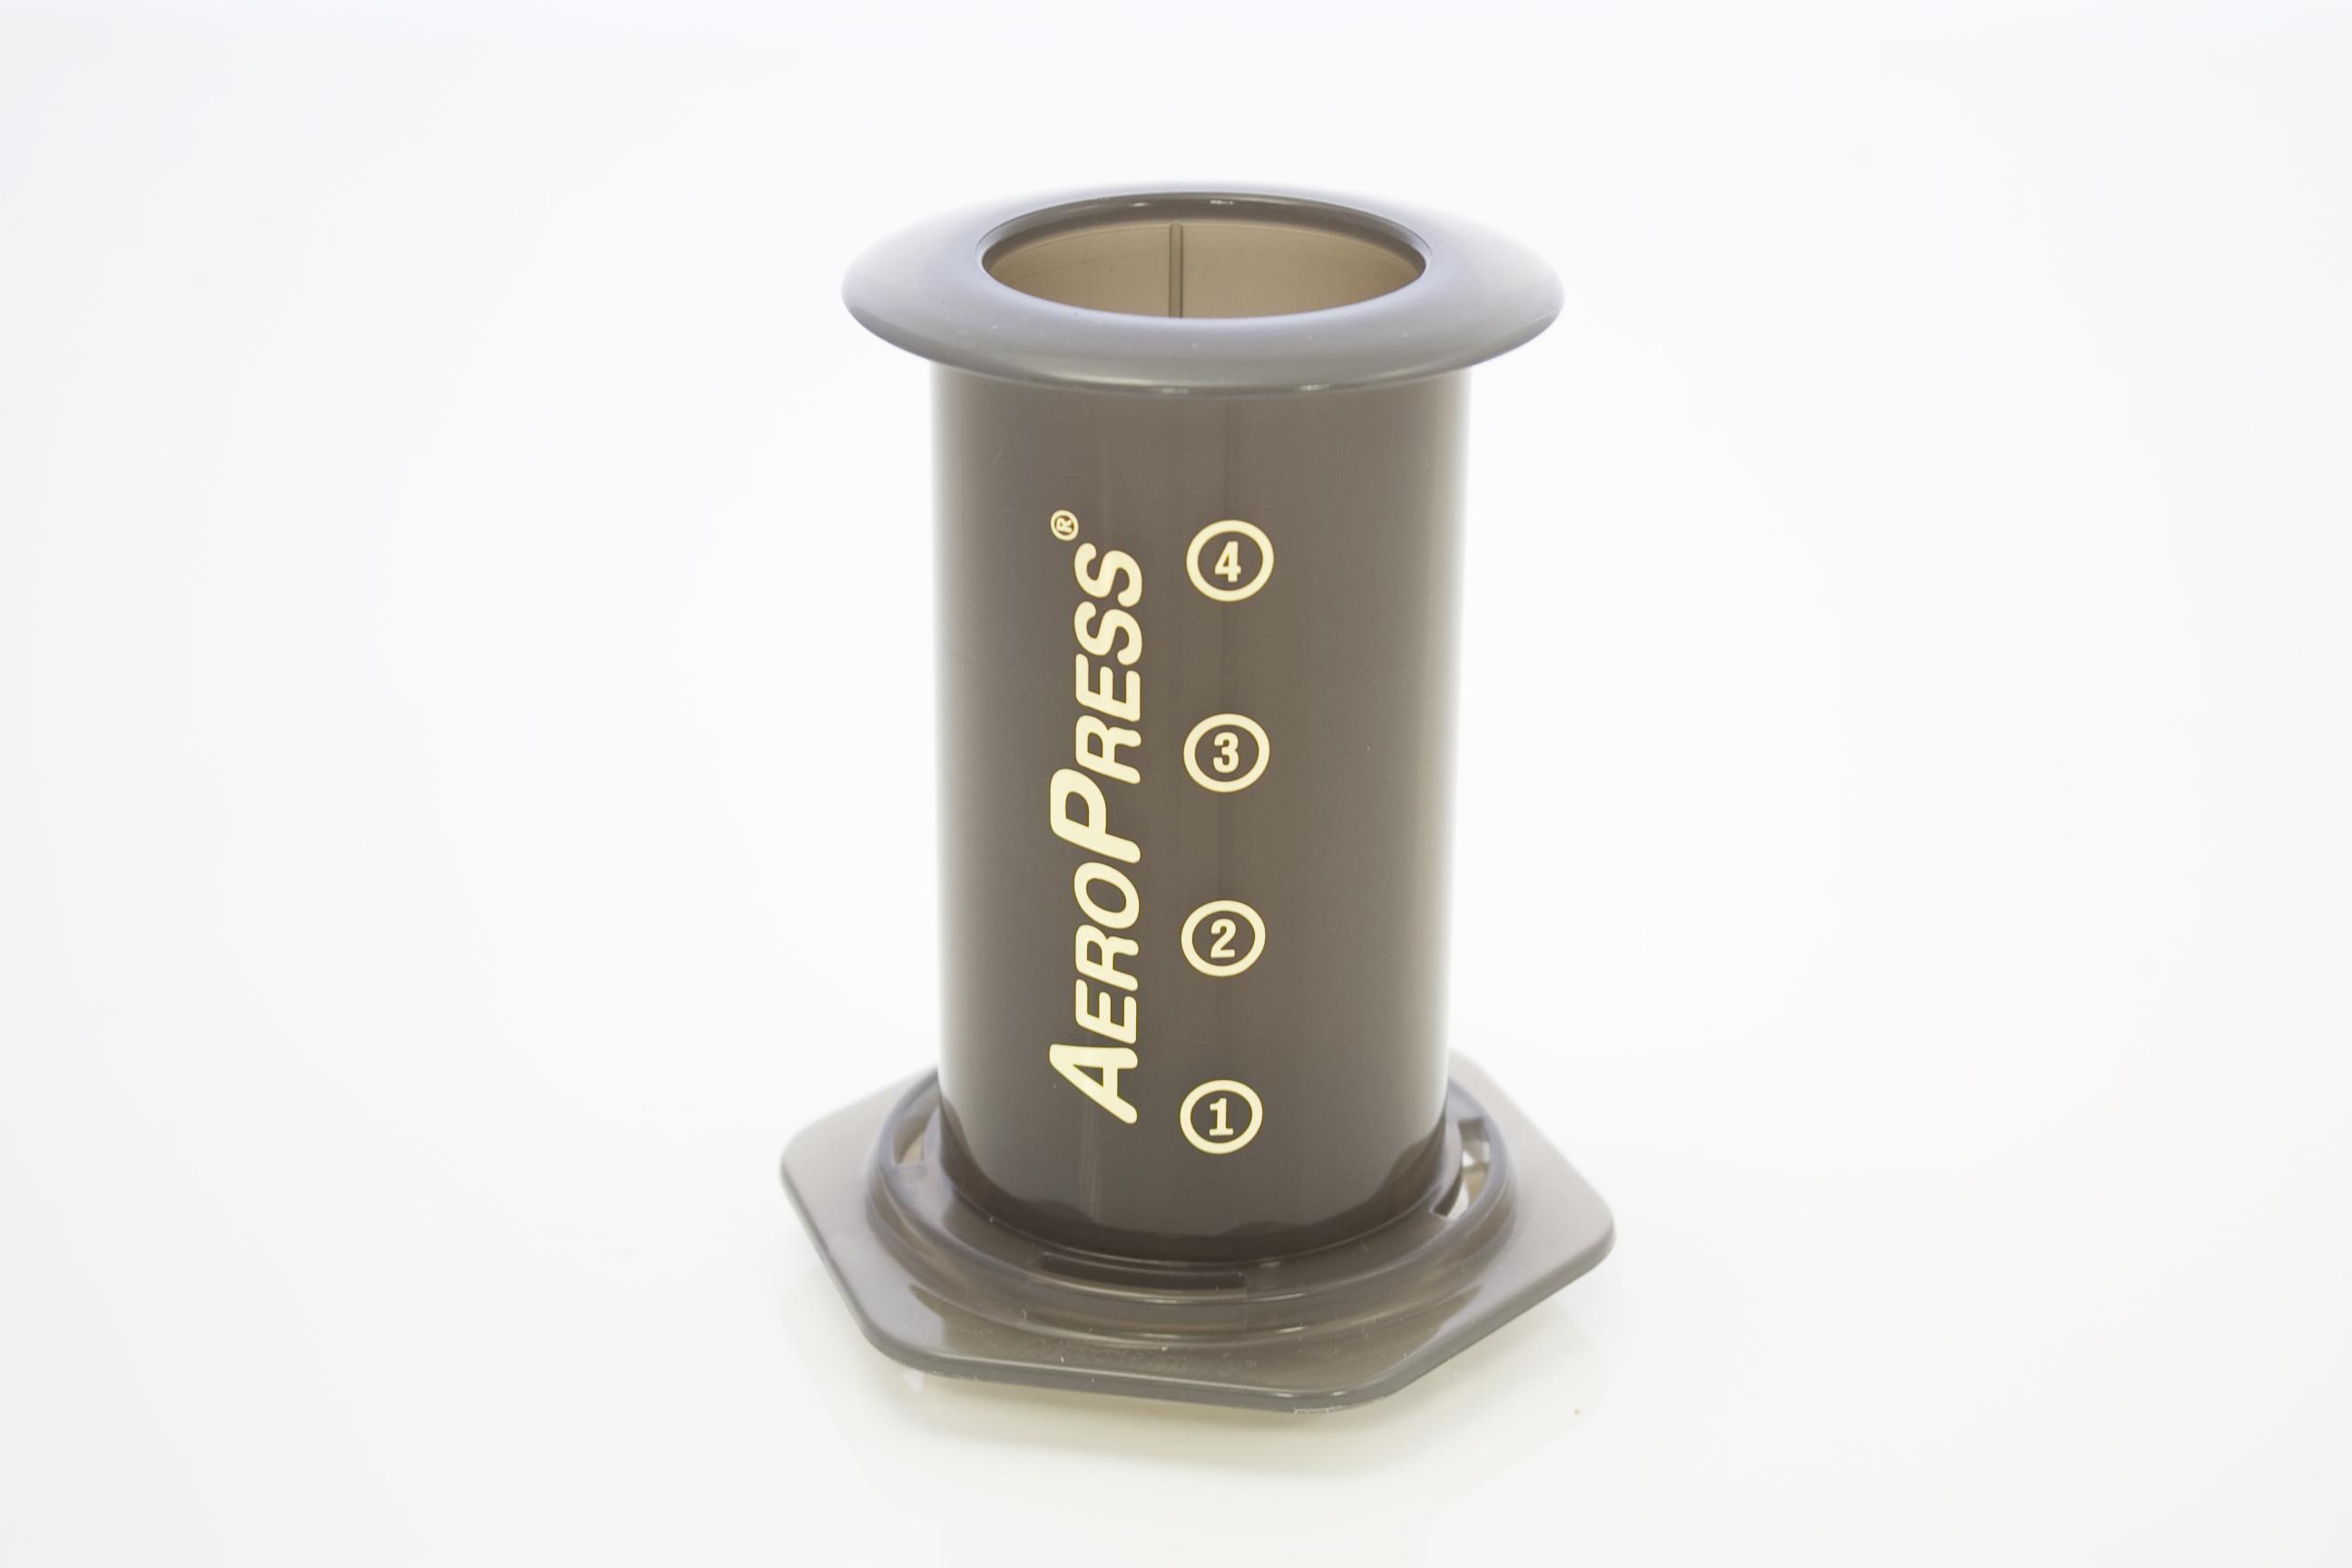 Buy Aeropress Coffee Maker + Tote Bag - 11 Pack from TKC Sales Ltd.